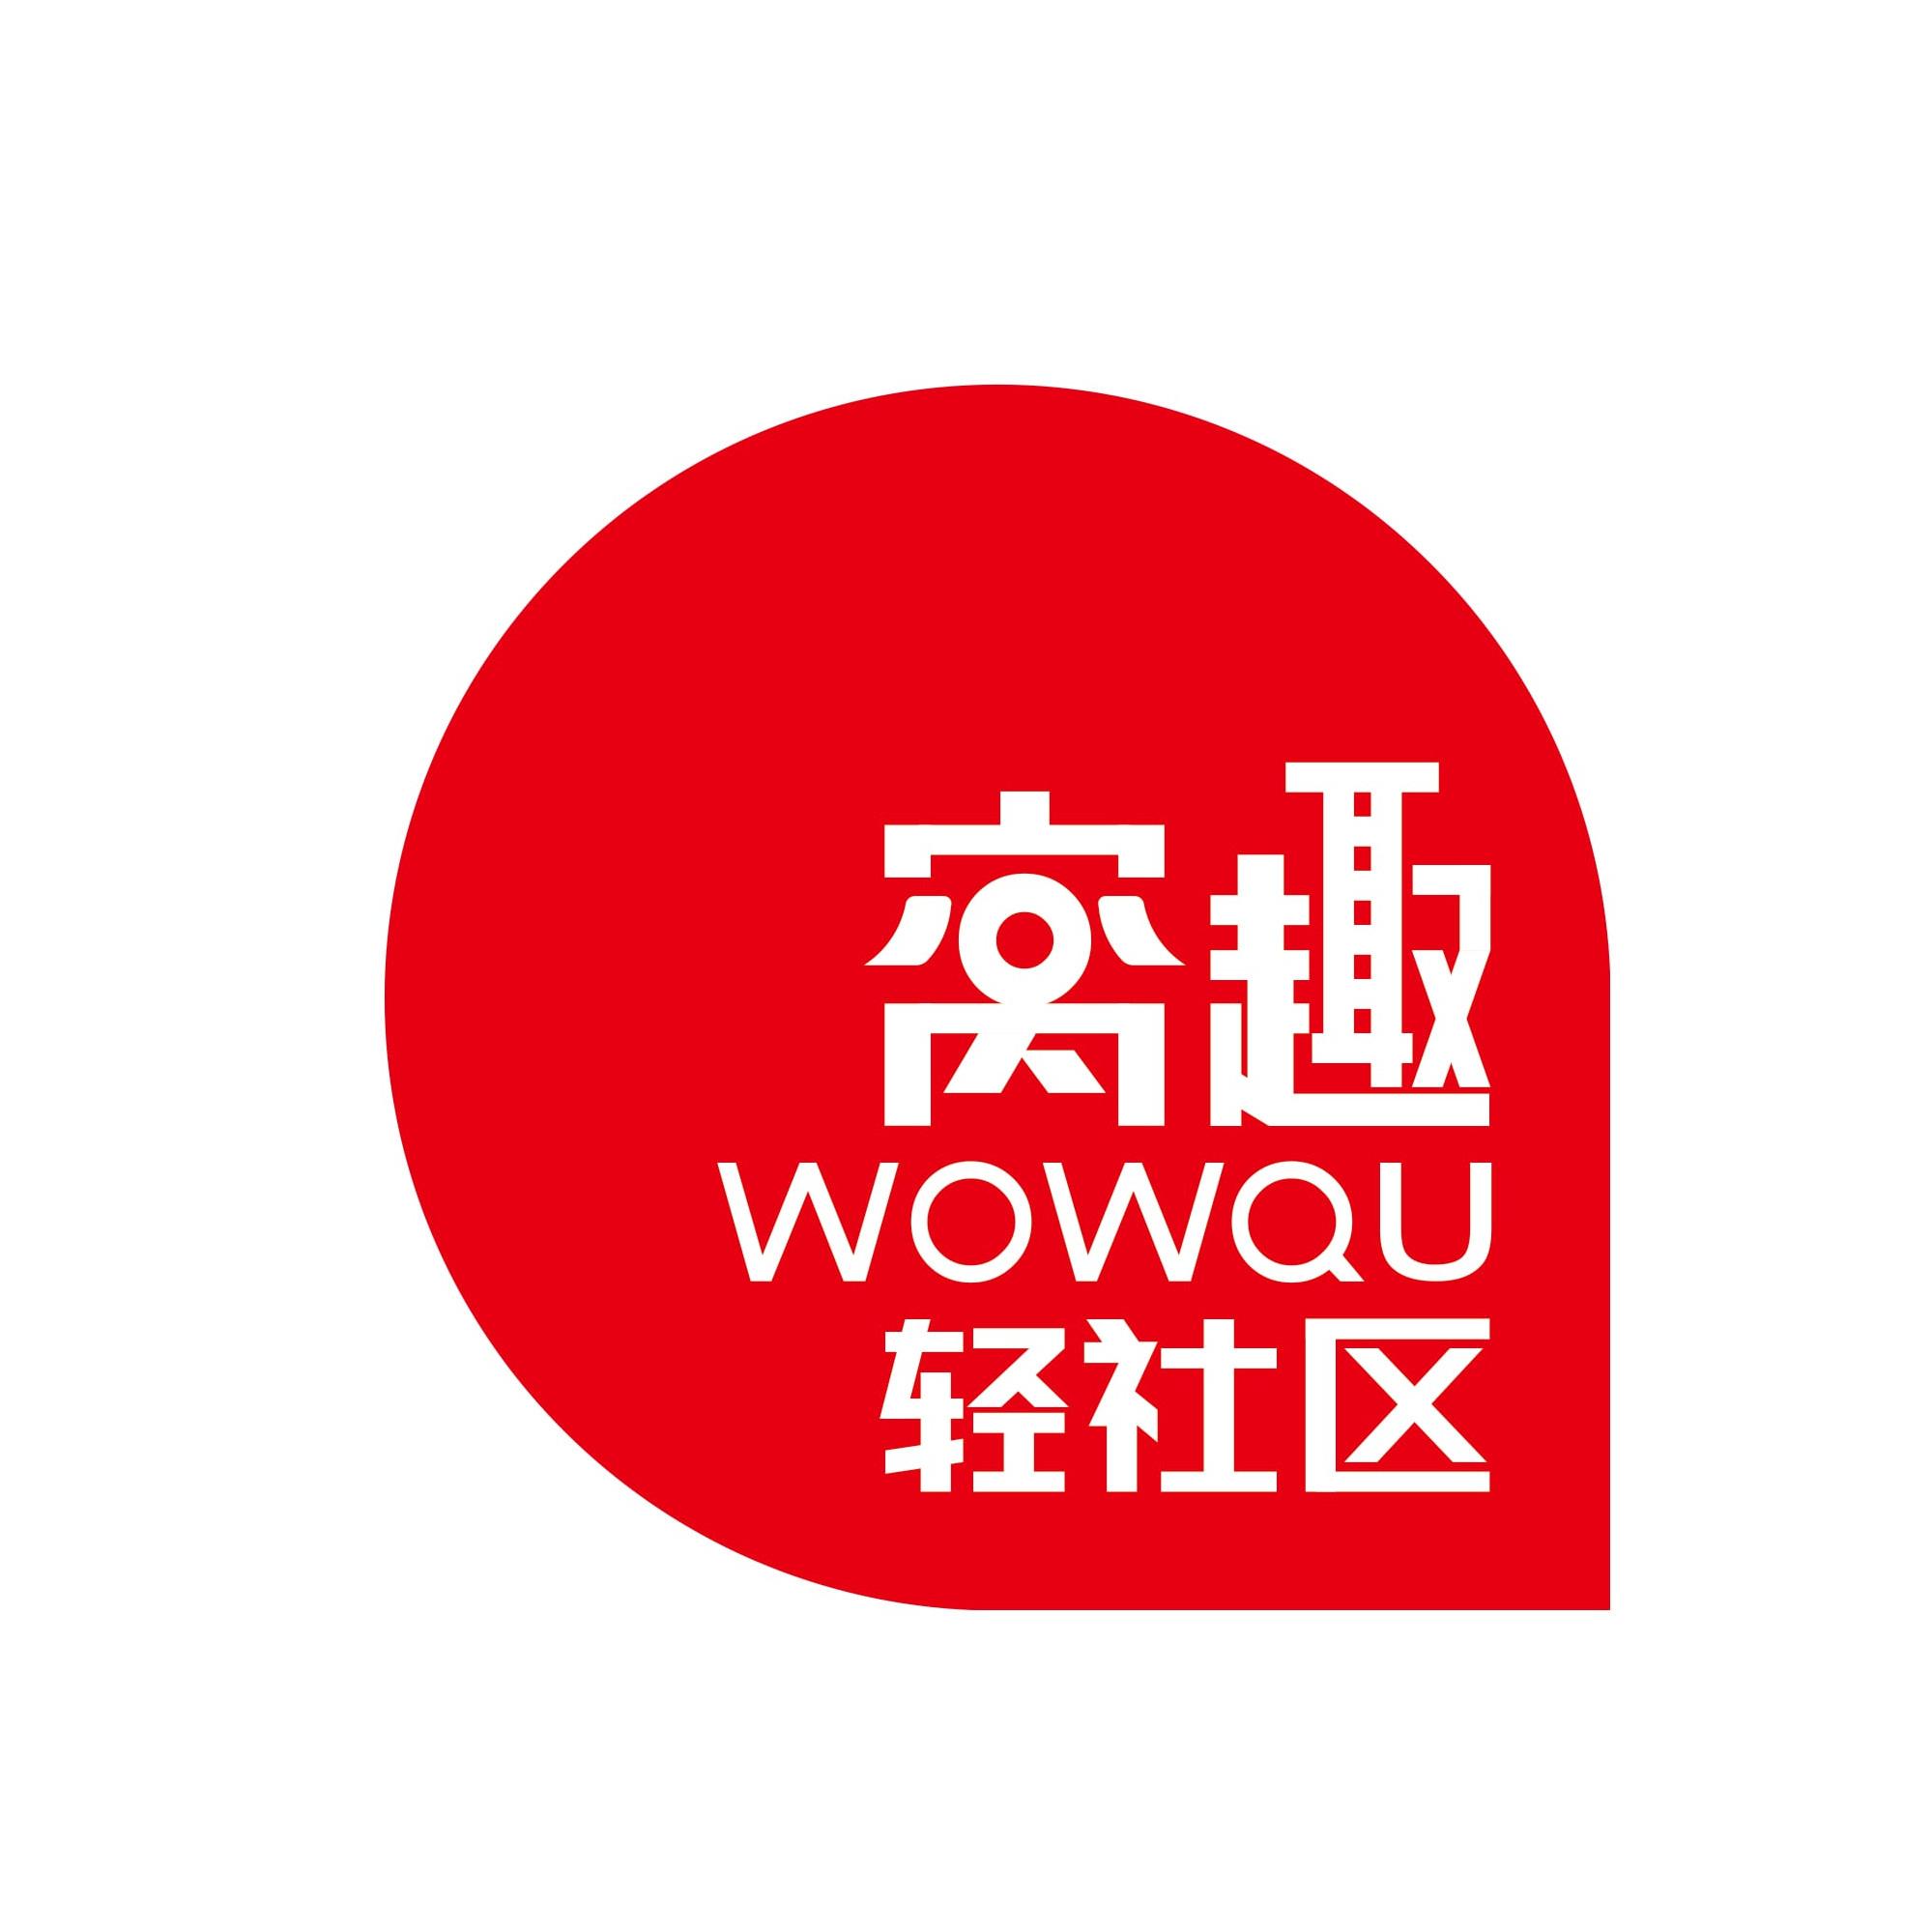 Wowqu